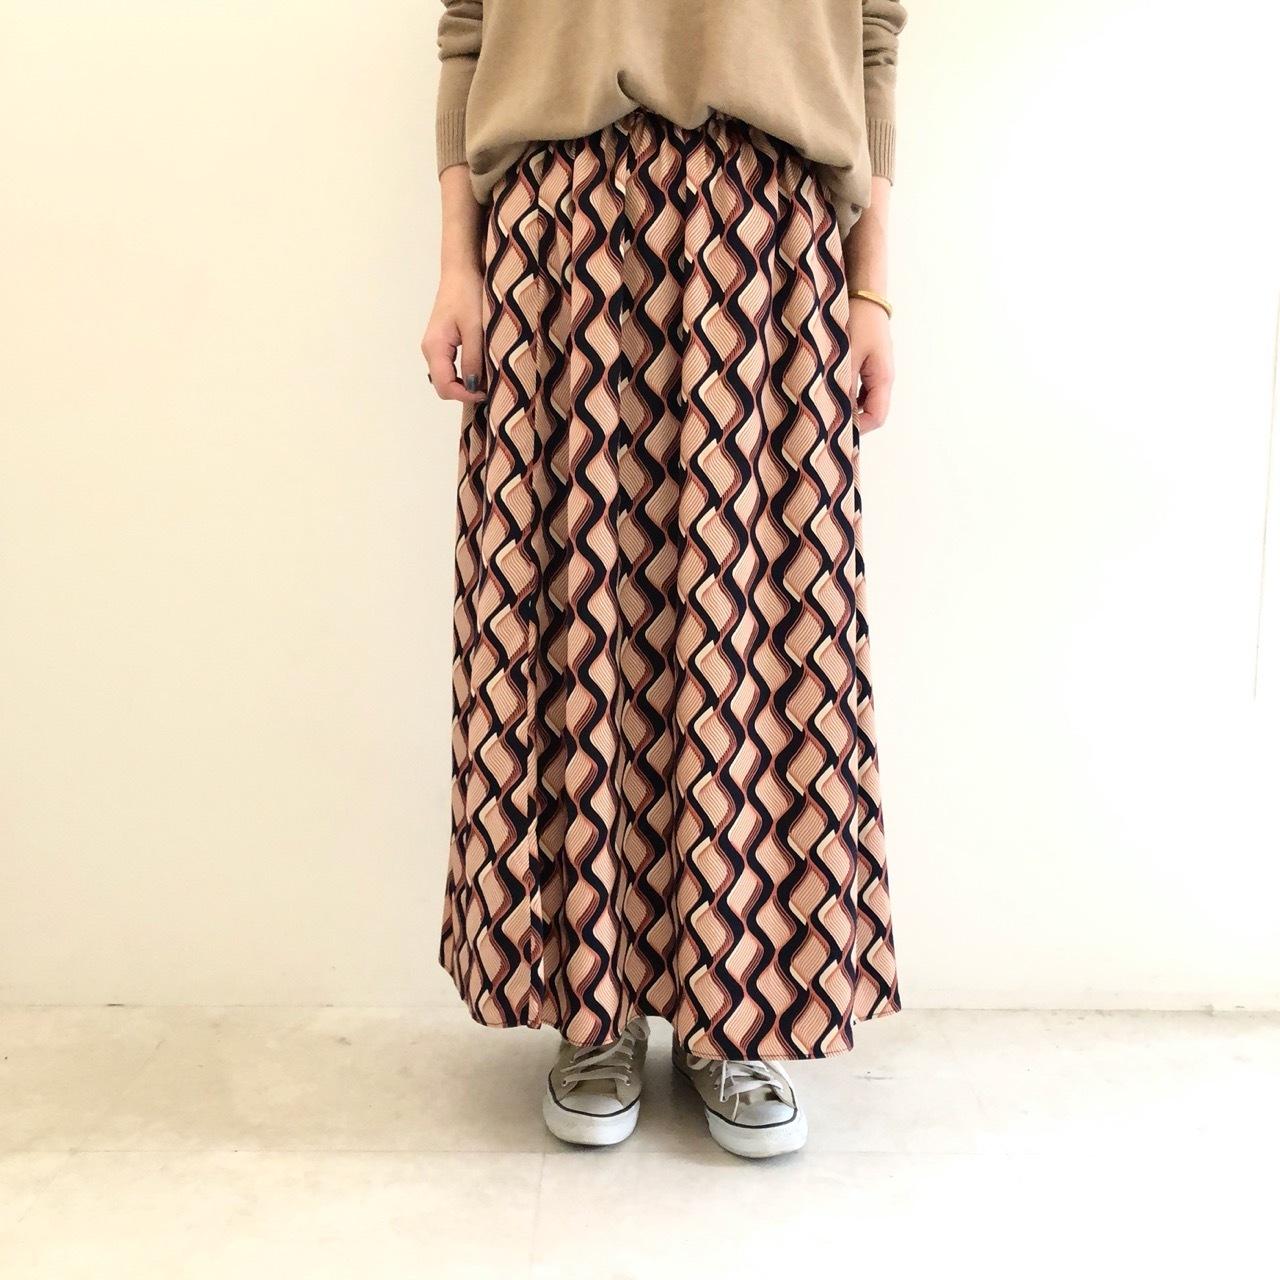 【 QTUME 】- 952-26602 - 総柄スカート